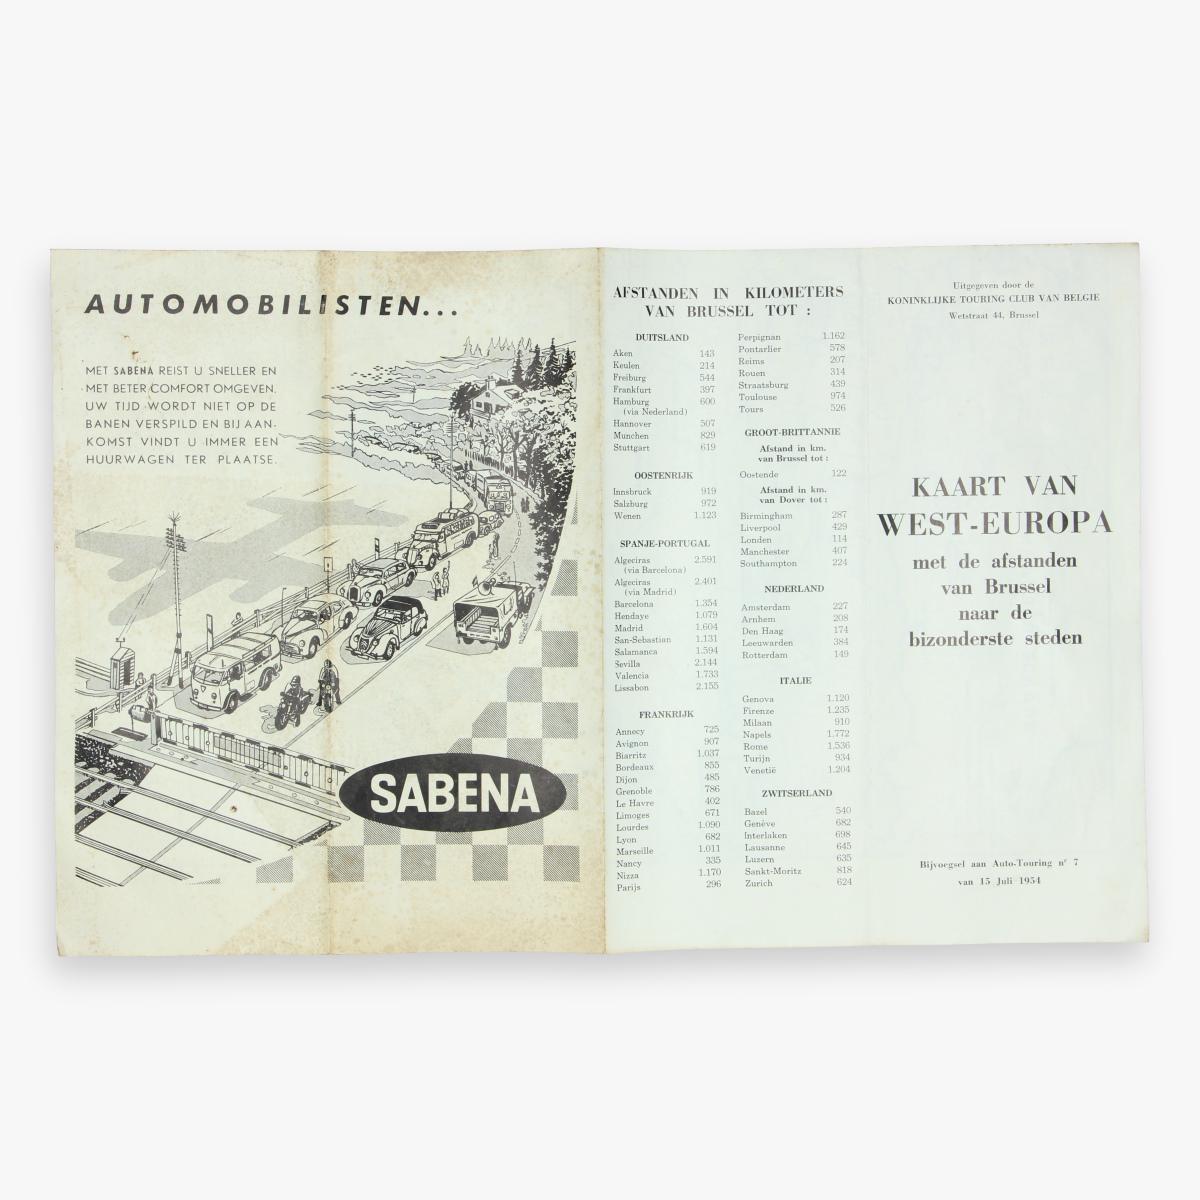 Afbeeldingen van fleyer automobilisten met sabena reist u sneller ... 1954 - kaart van west europa